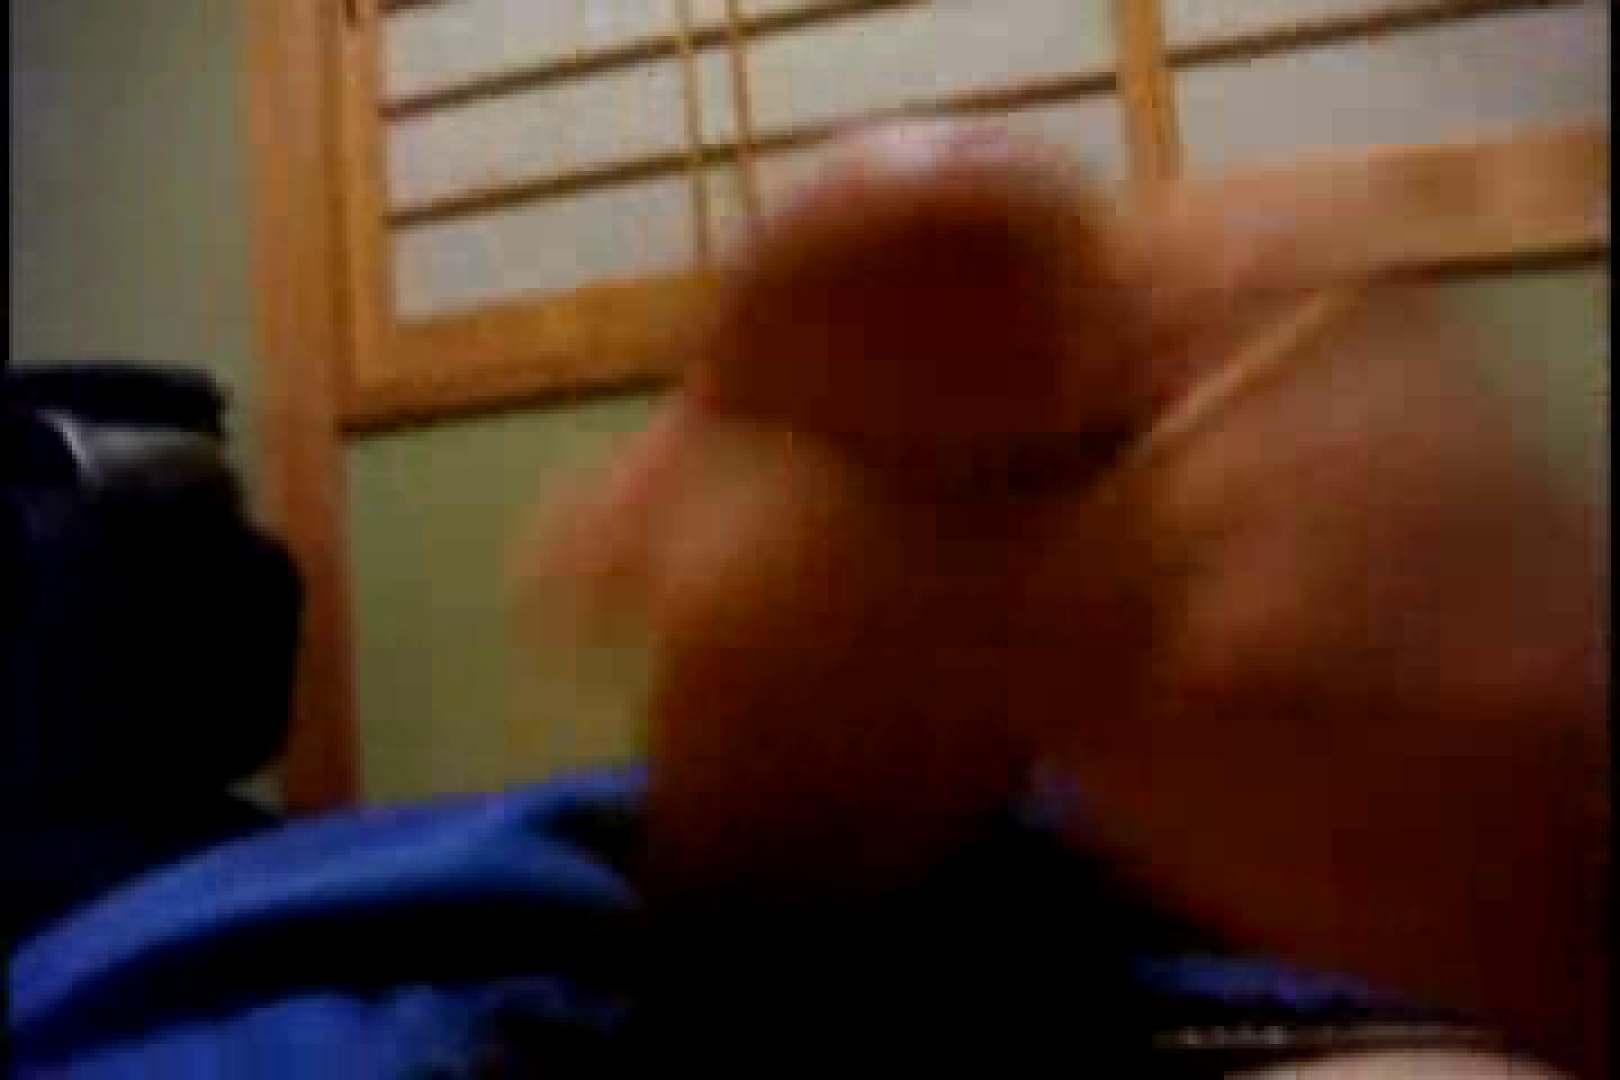 オナ好きノンケテニス部員の自画撮り投稿vol.02 ノンケ君達の・・ ゲイエロ動画 102枚 77